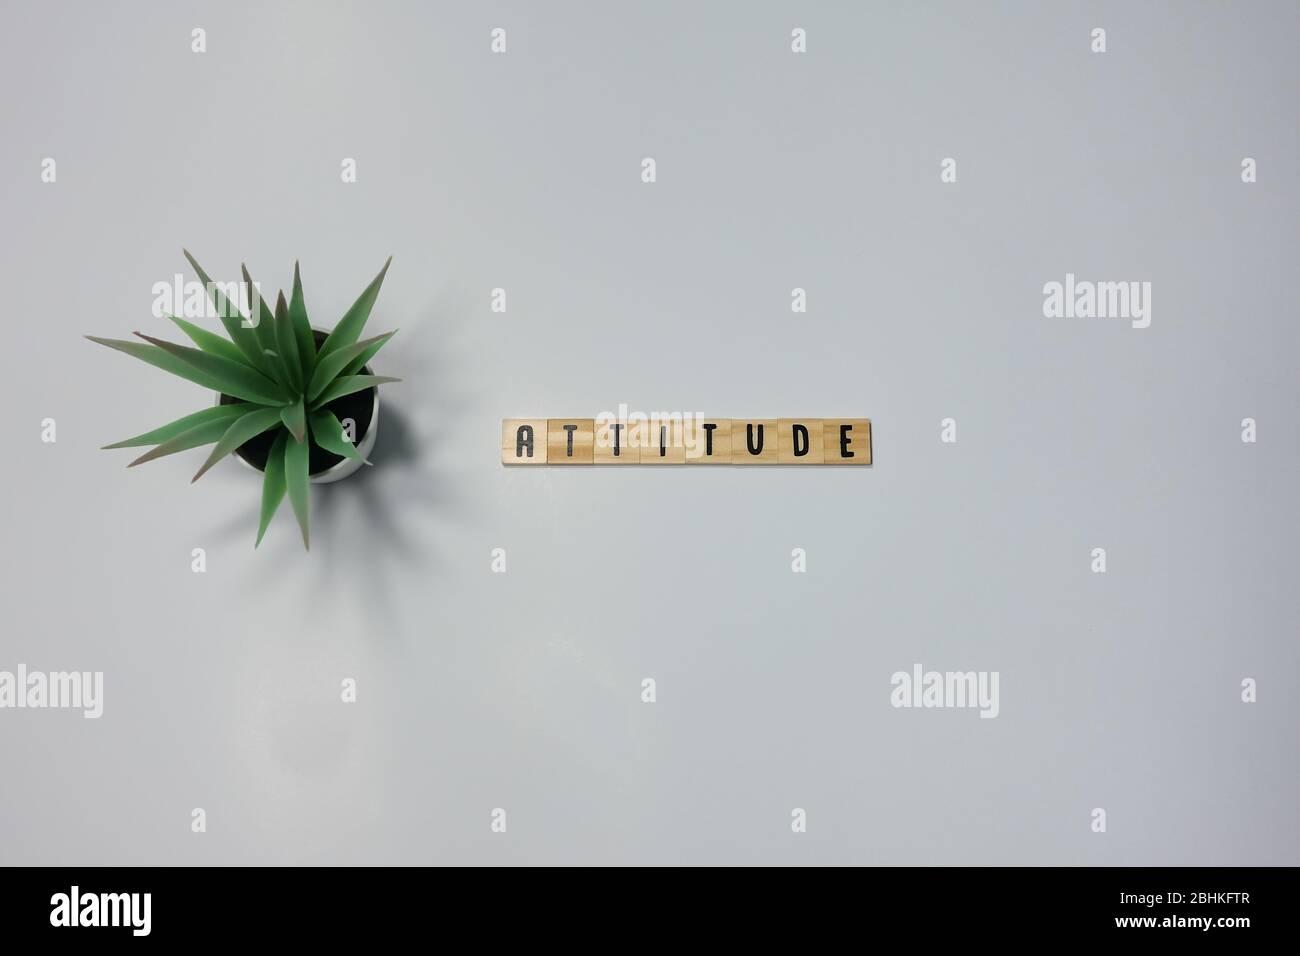 La palabra actitud escrita en madera azulejos de letras sobre un fondo blanco. Concepto de actitud en los negocios, la vida y la felicidad. Foto de stock